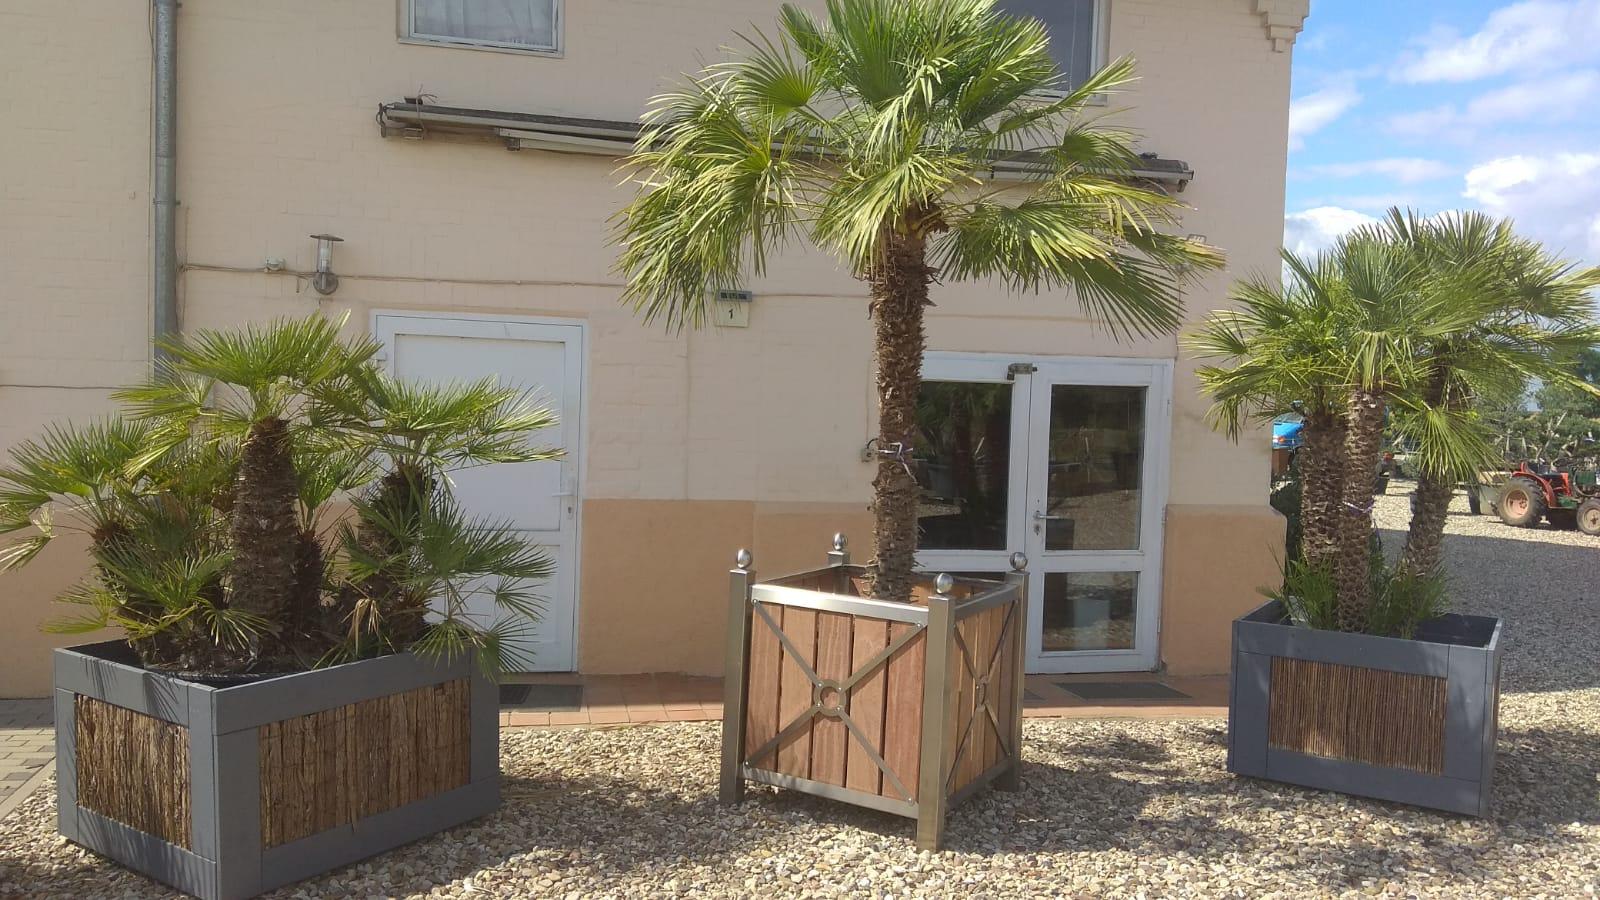 Große Pflanzkübel Für Palmen.Beheizte Pflanzkübel Für Palmen Olivenbäume Und Pflanzen